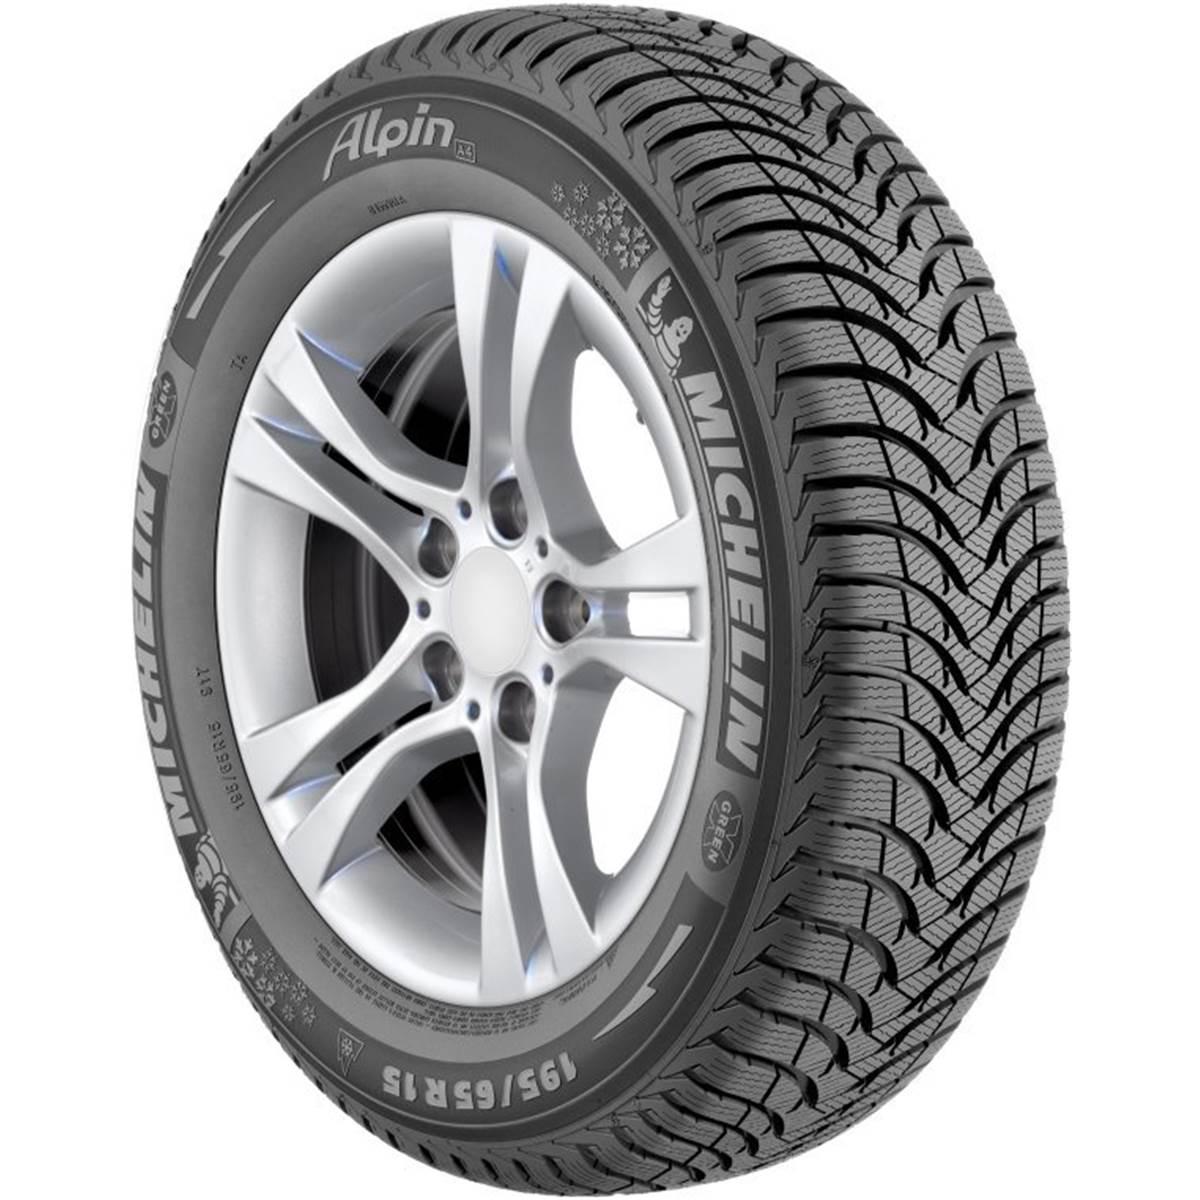 Pneu Hiver Michelin 215/65R16 98H Alpin A4